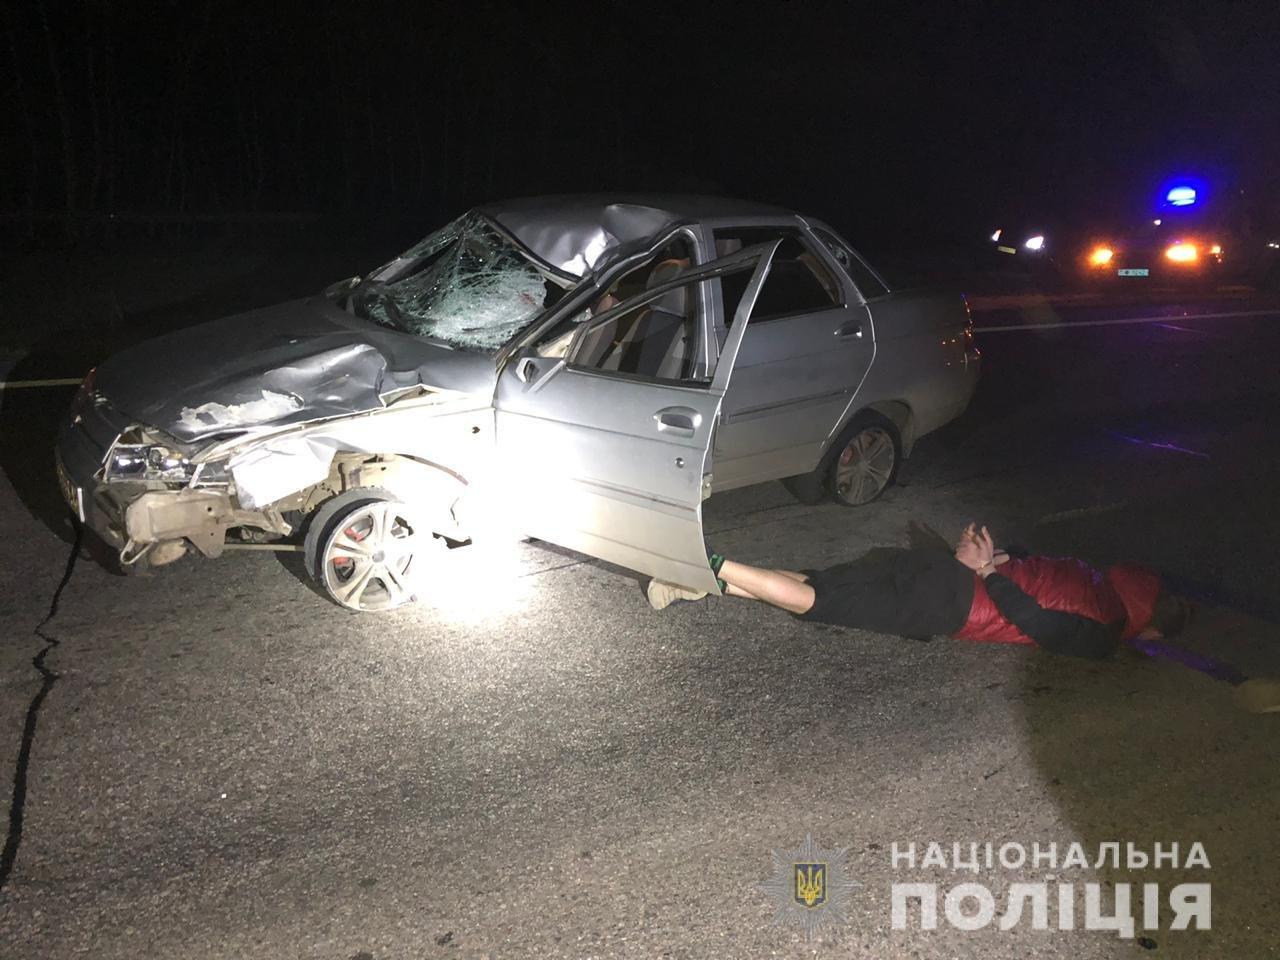 Погоня со стрельбой. Под Харьковом задержали водителя, сбившего насмерть пешехода, - ФОТО, фото-1